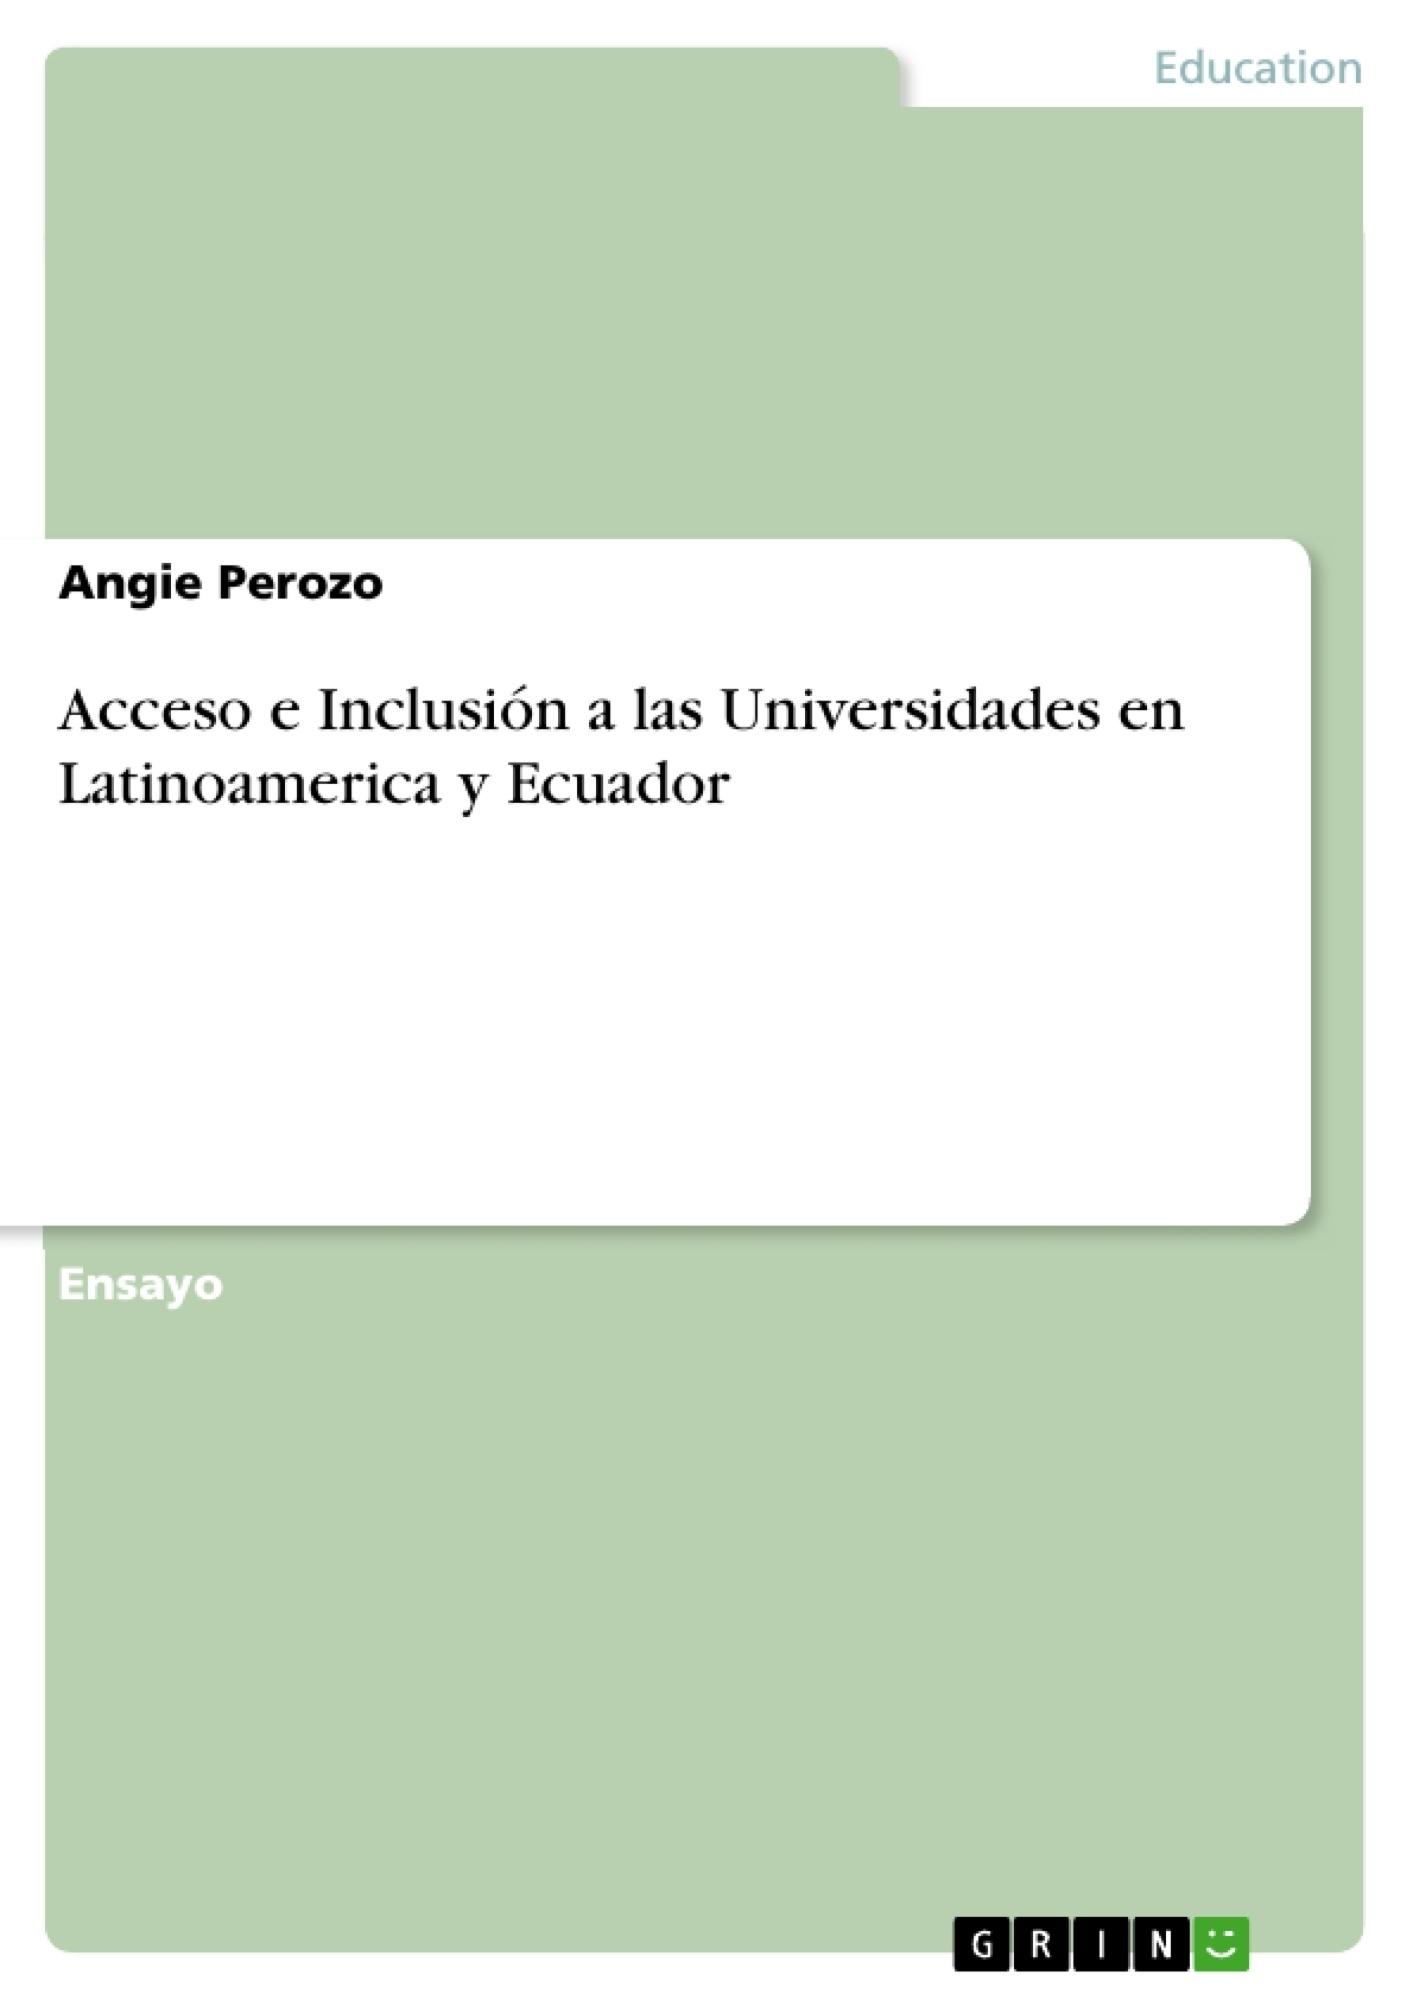 Título: Acceso e Inclusión a las Universidades en Latinoamerica y Ecuador